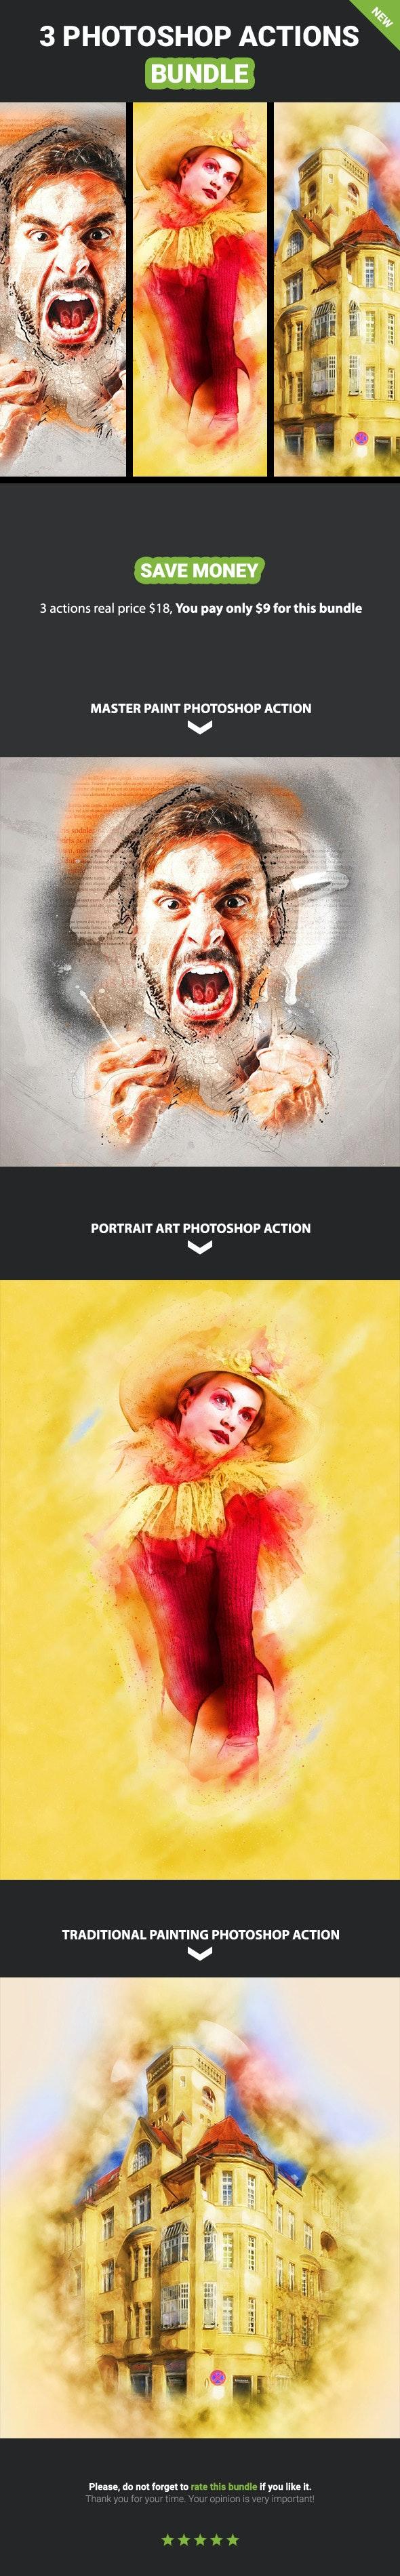 3 photoshop Action Bundle - Vol.6 - Photo Effects Actions